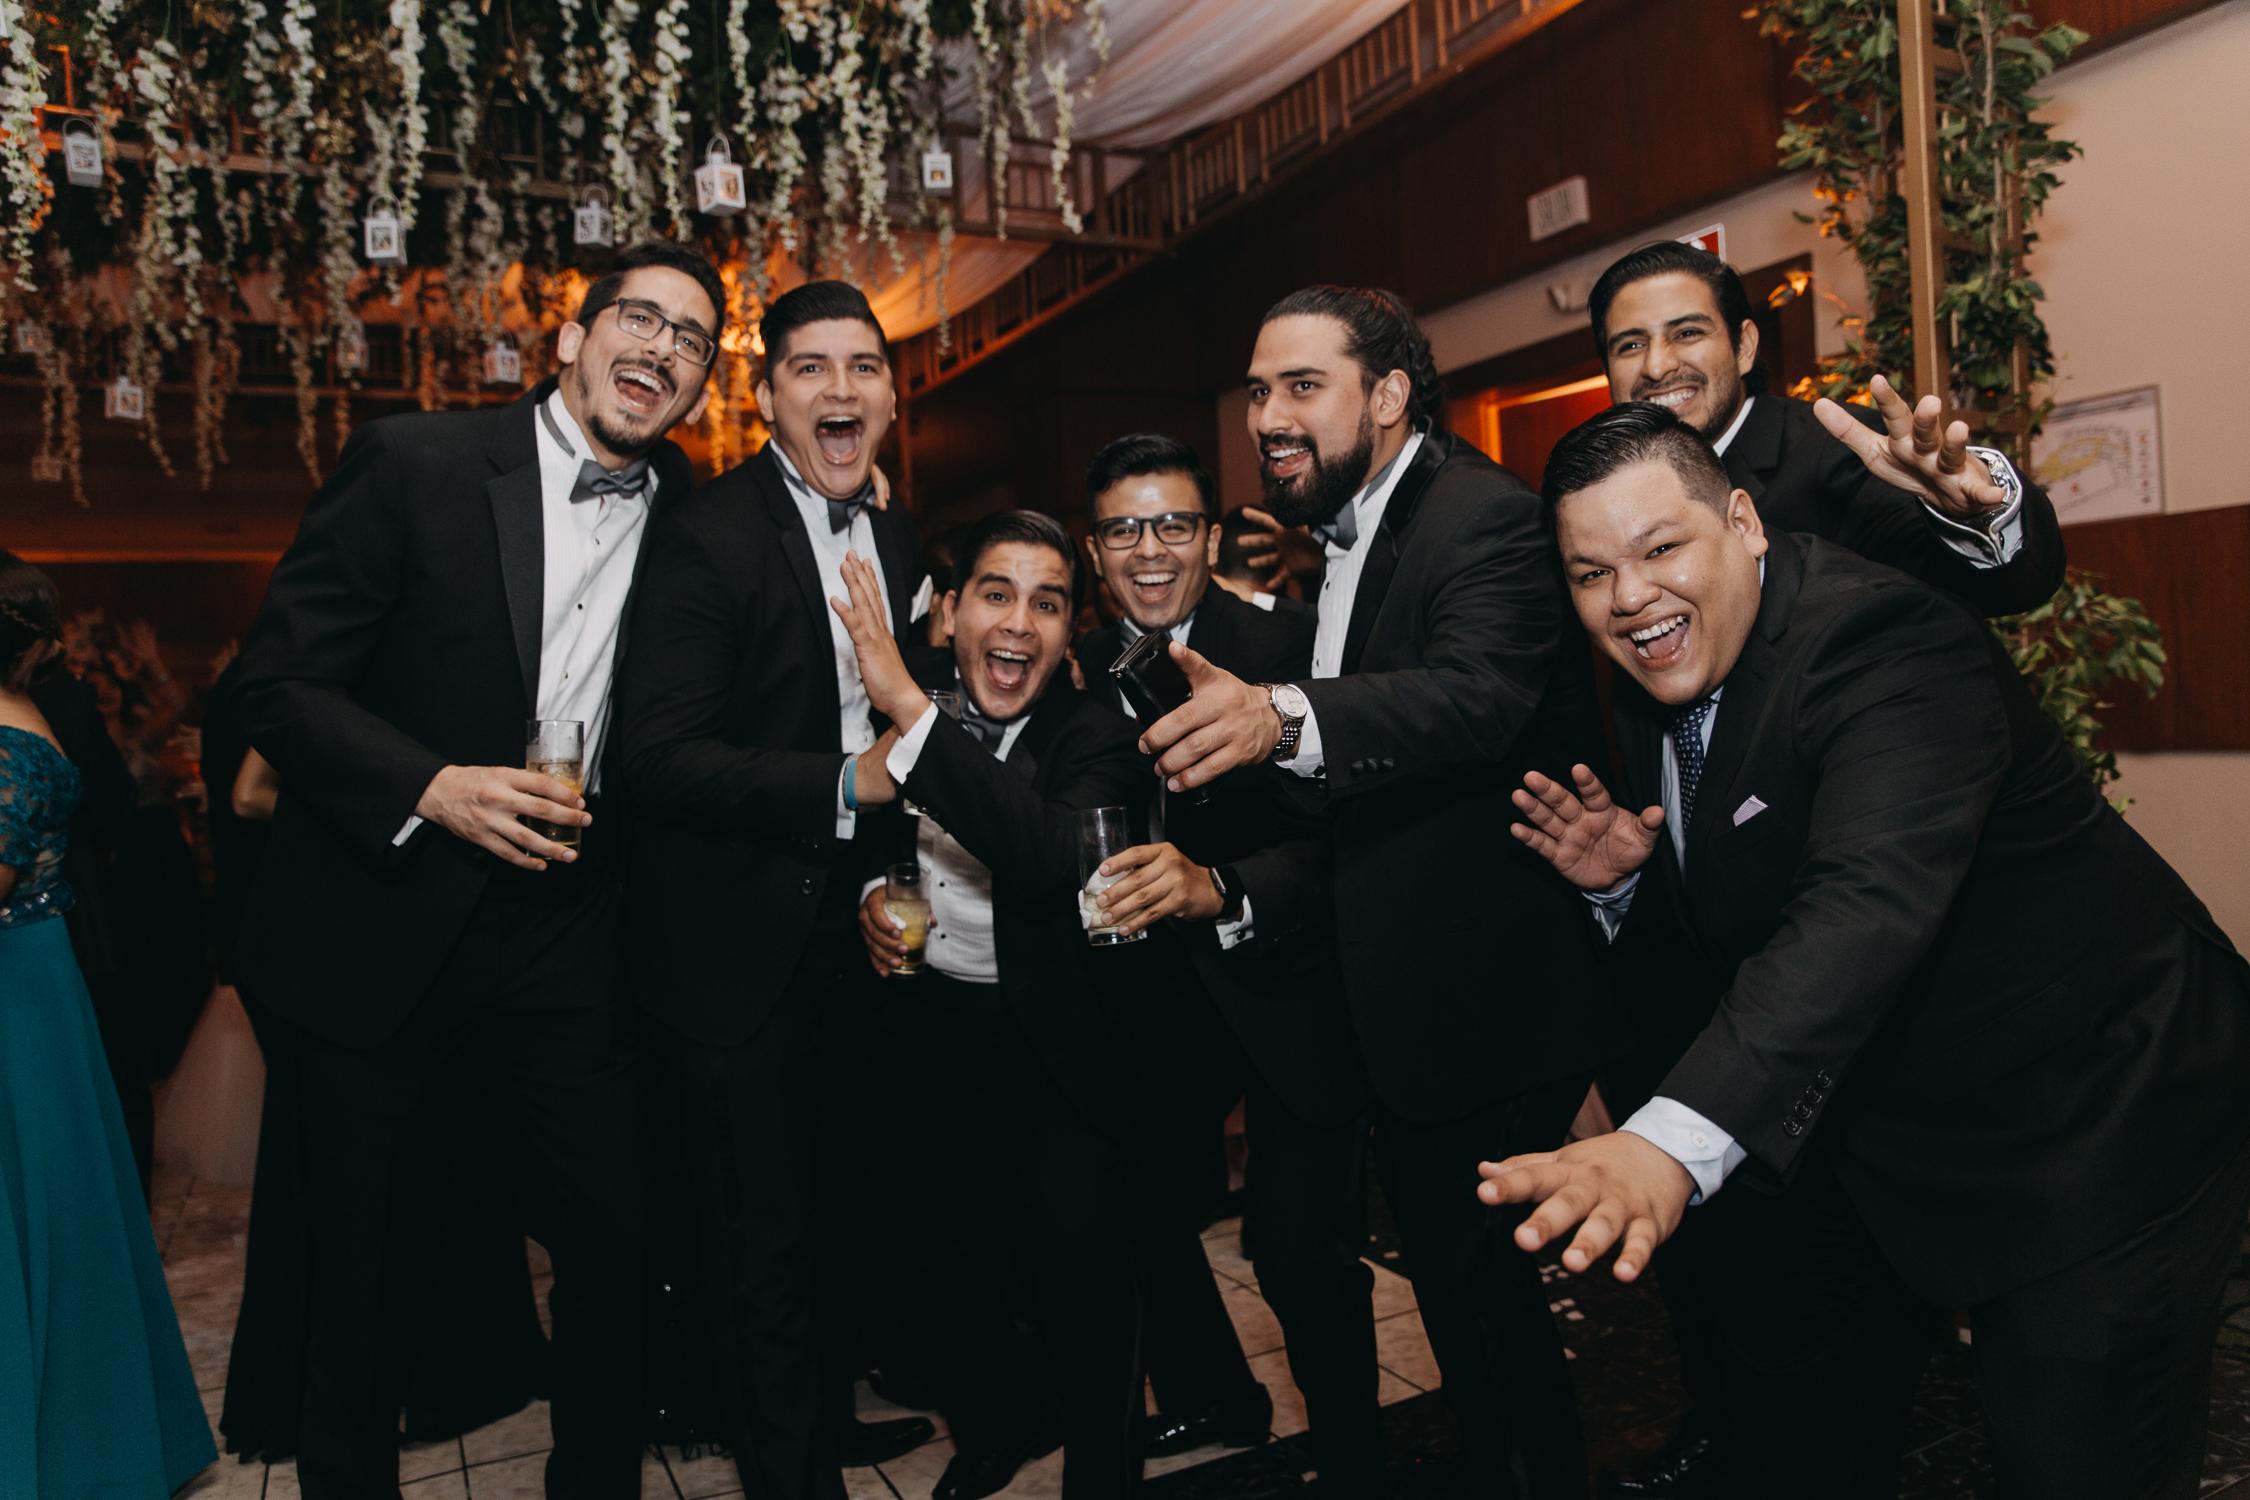 Michelle-Agurto-Fotografia-Bodas-Ecuador-Destination-Wedding-Photographer-Patricia-Guido-269.JPG